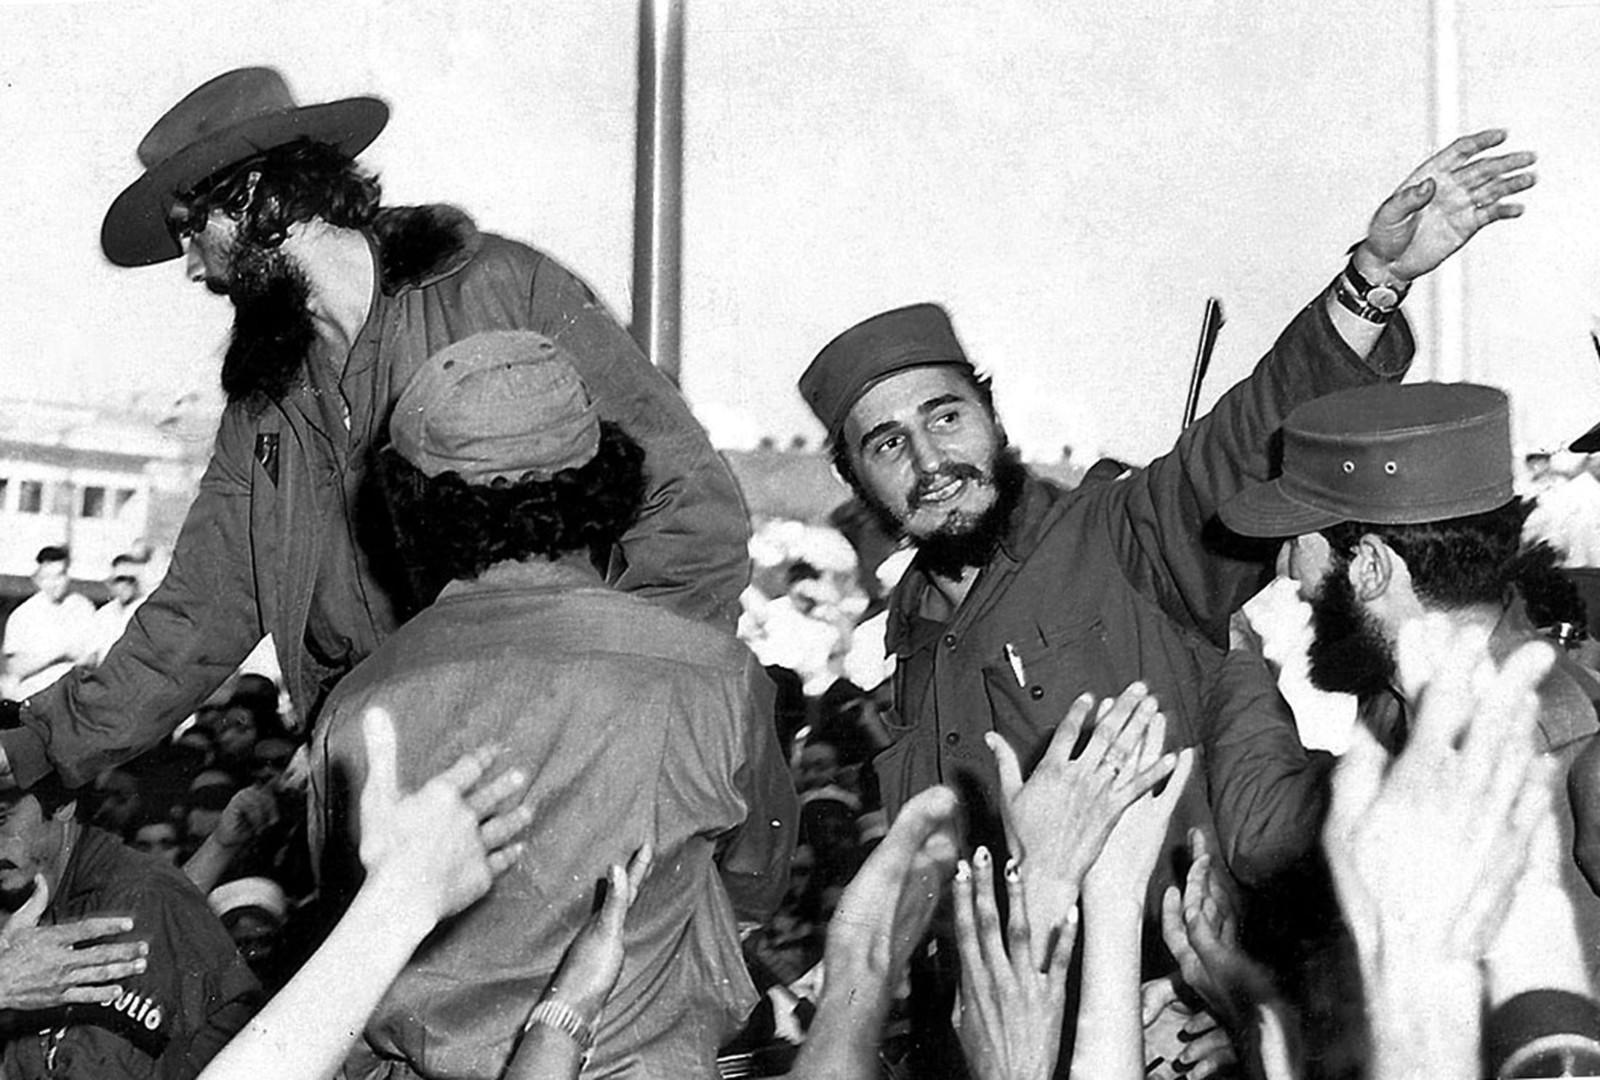 Le père de la révolution cubaine, Fidel Castro, est mort